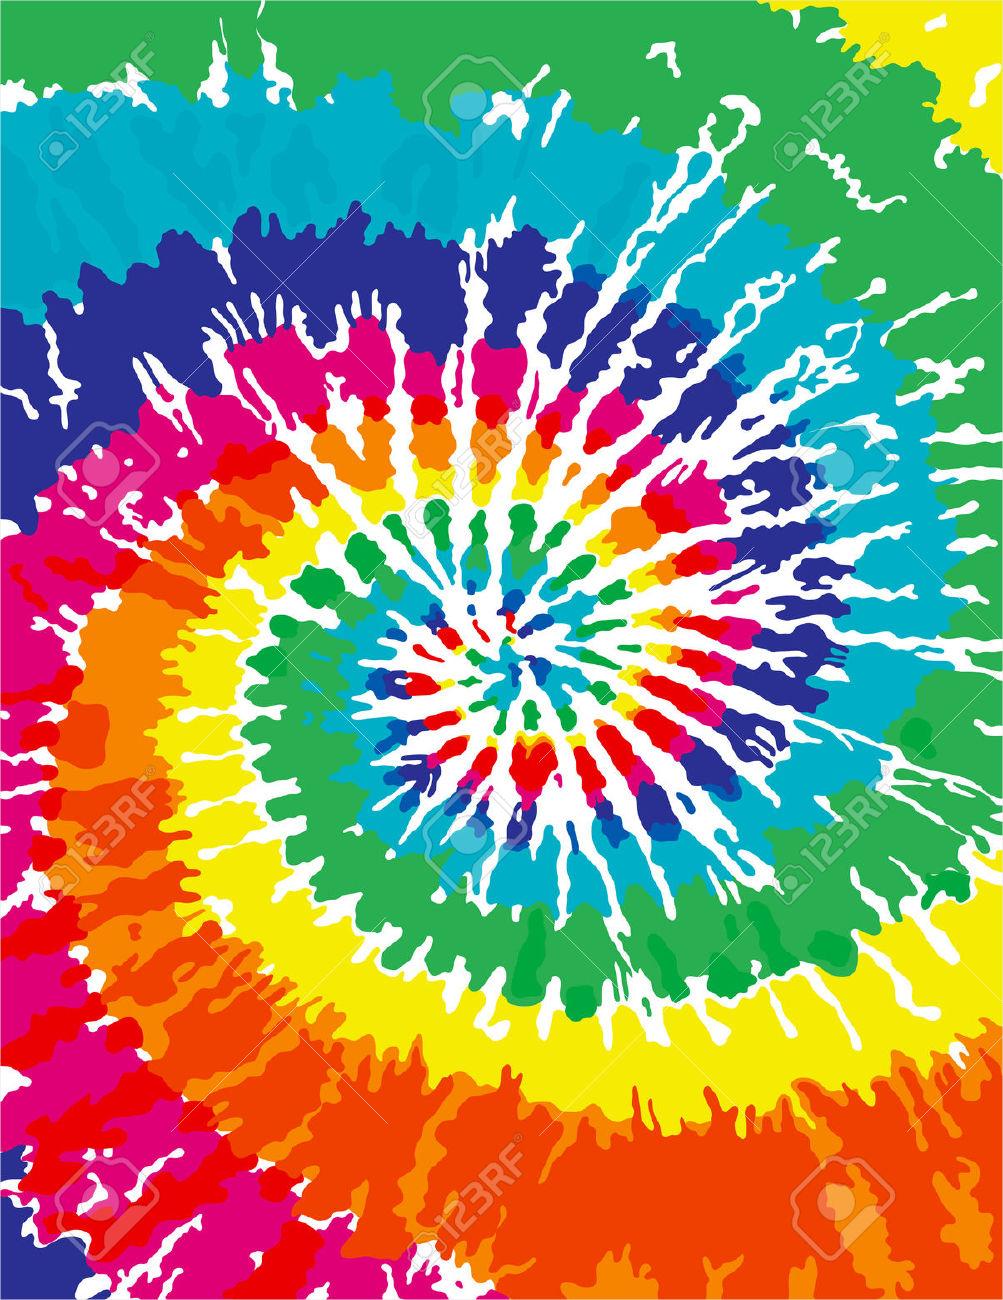 trippy tie dye pattern1